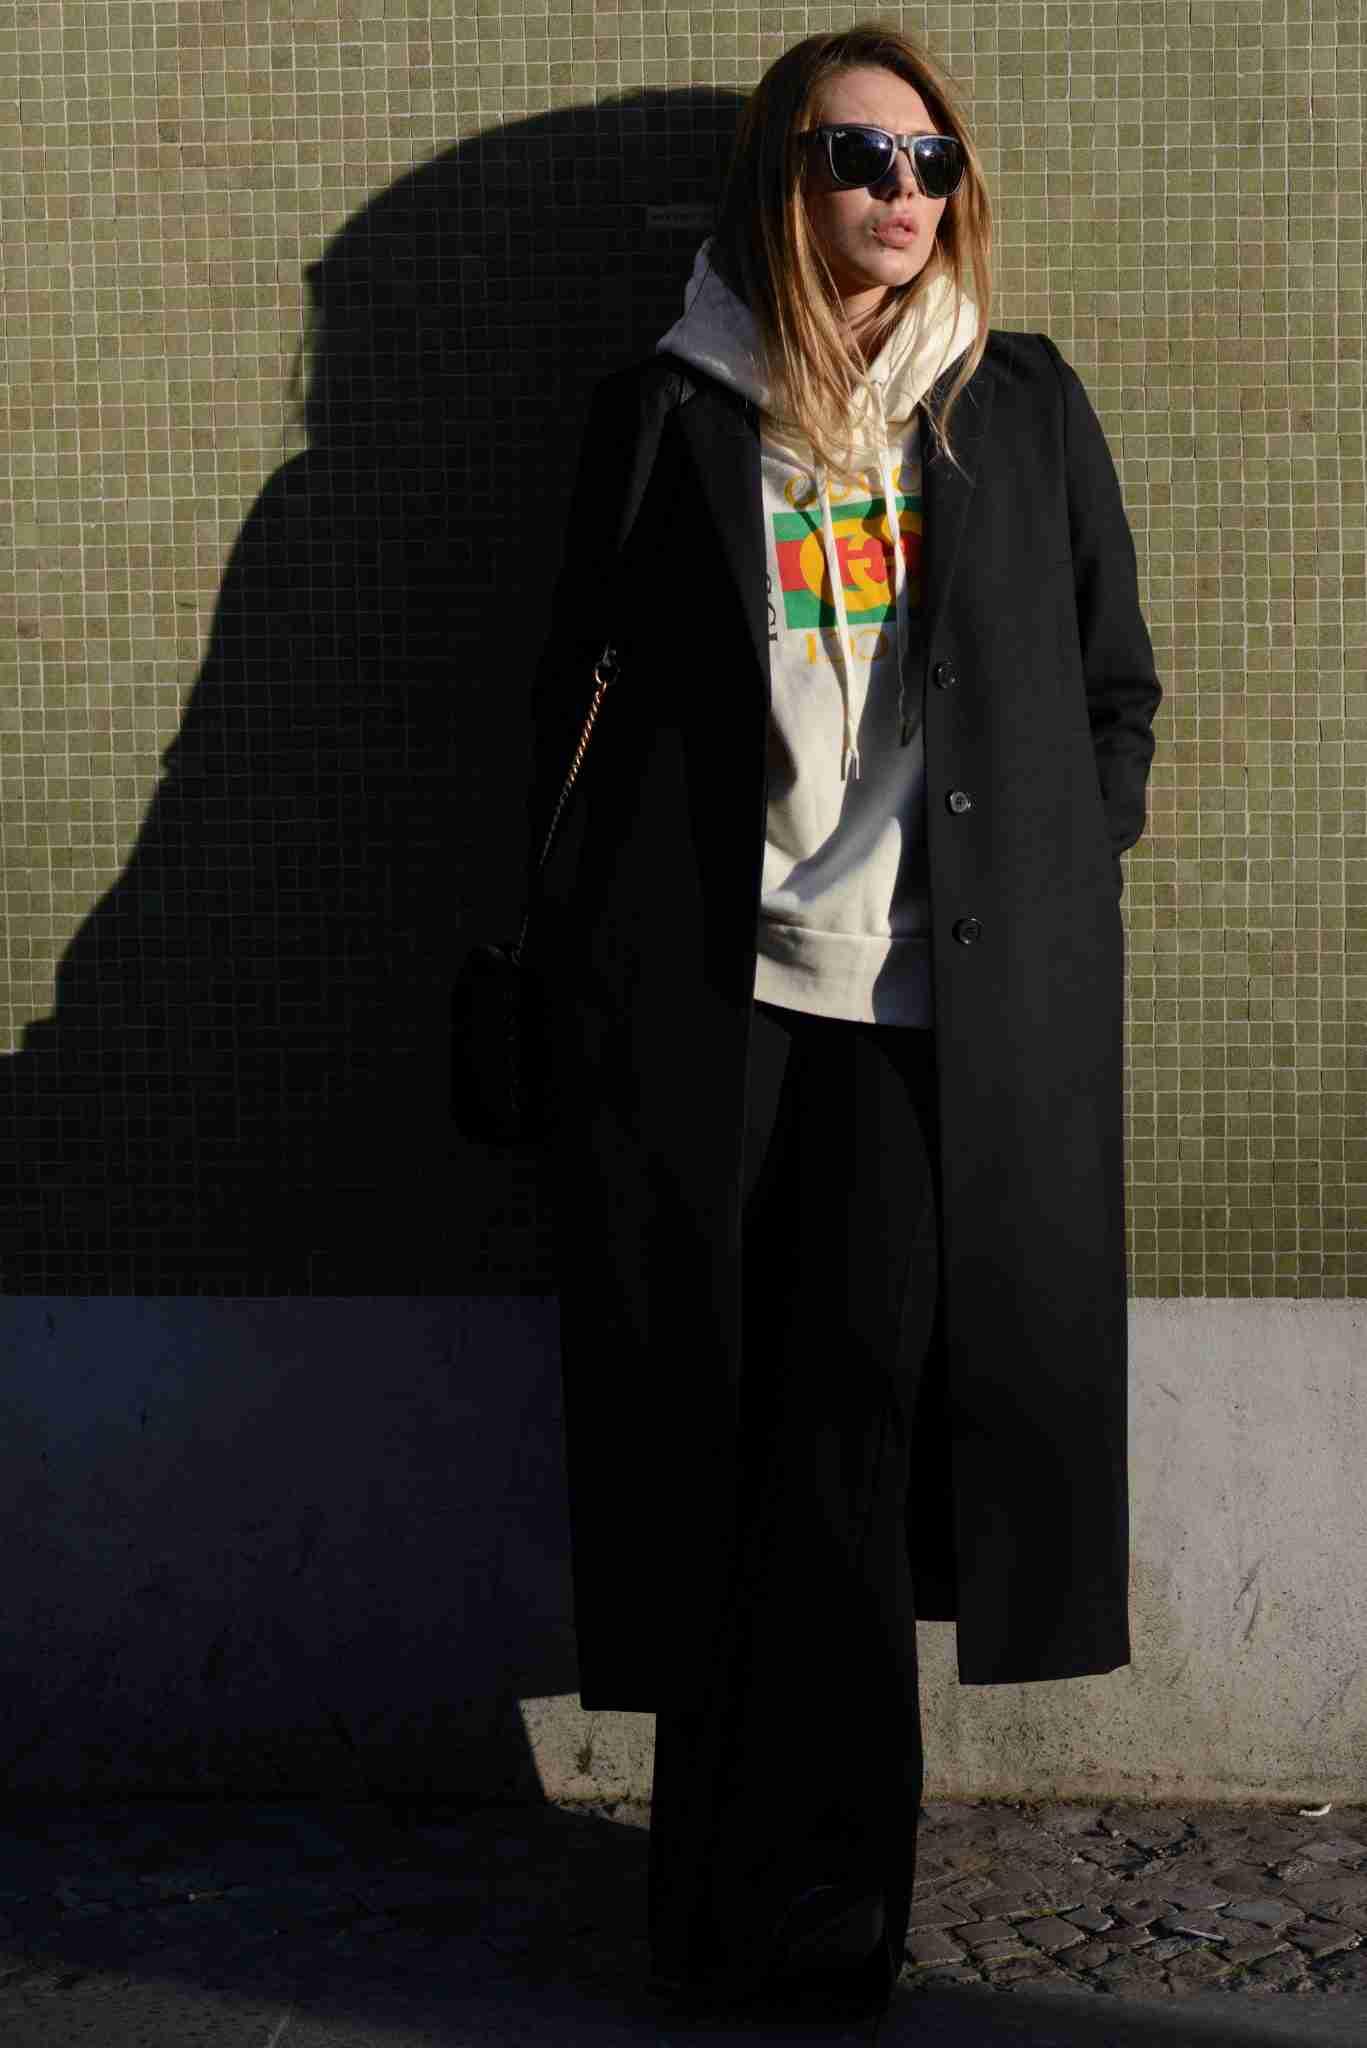 Klaudia w bluzie Gucci oparta o ścianę.